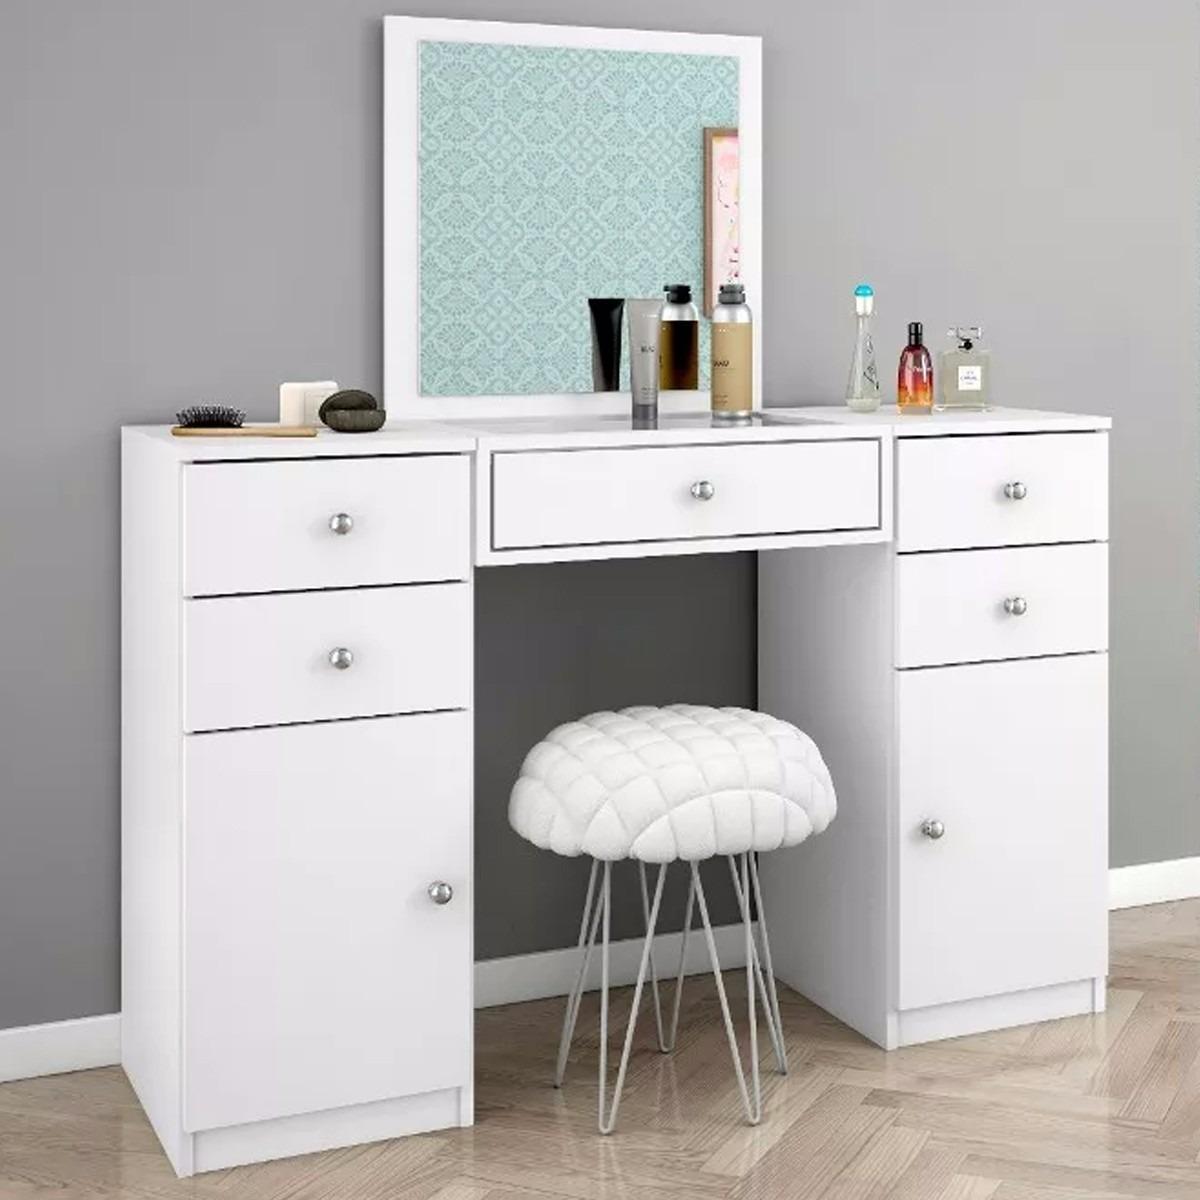 Muebles tocador para dormitorio obtenga ideas dise o de muebles para su hogar aqu - Tocador moderno dormitorio ...